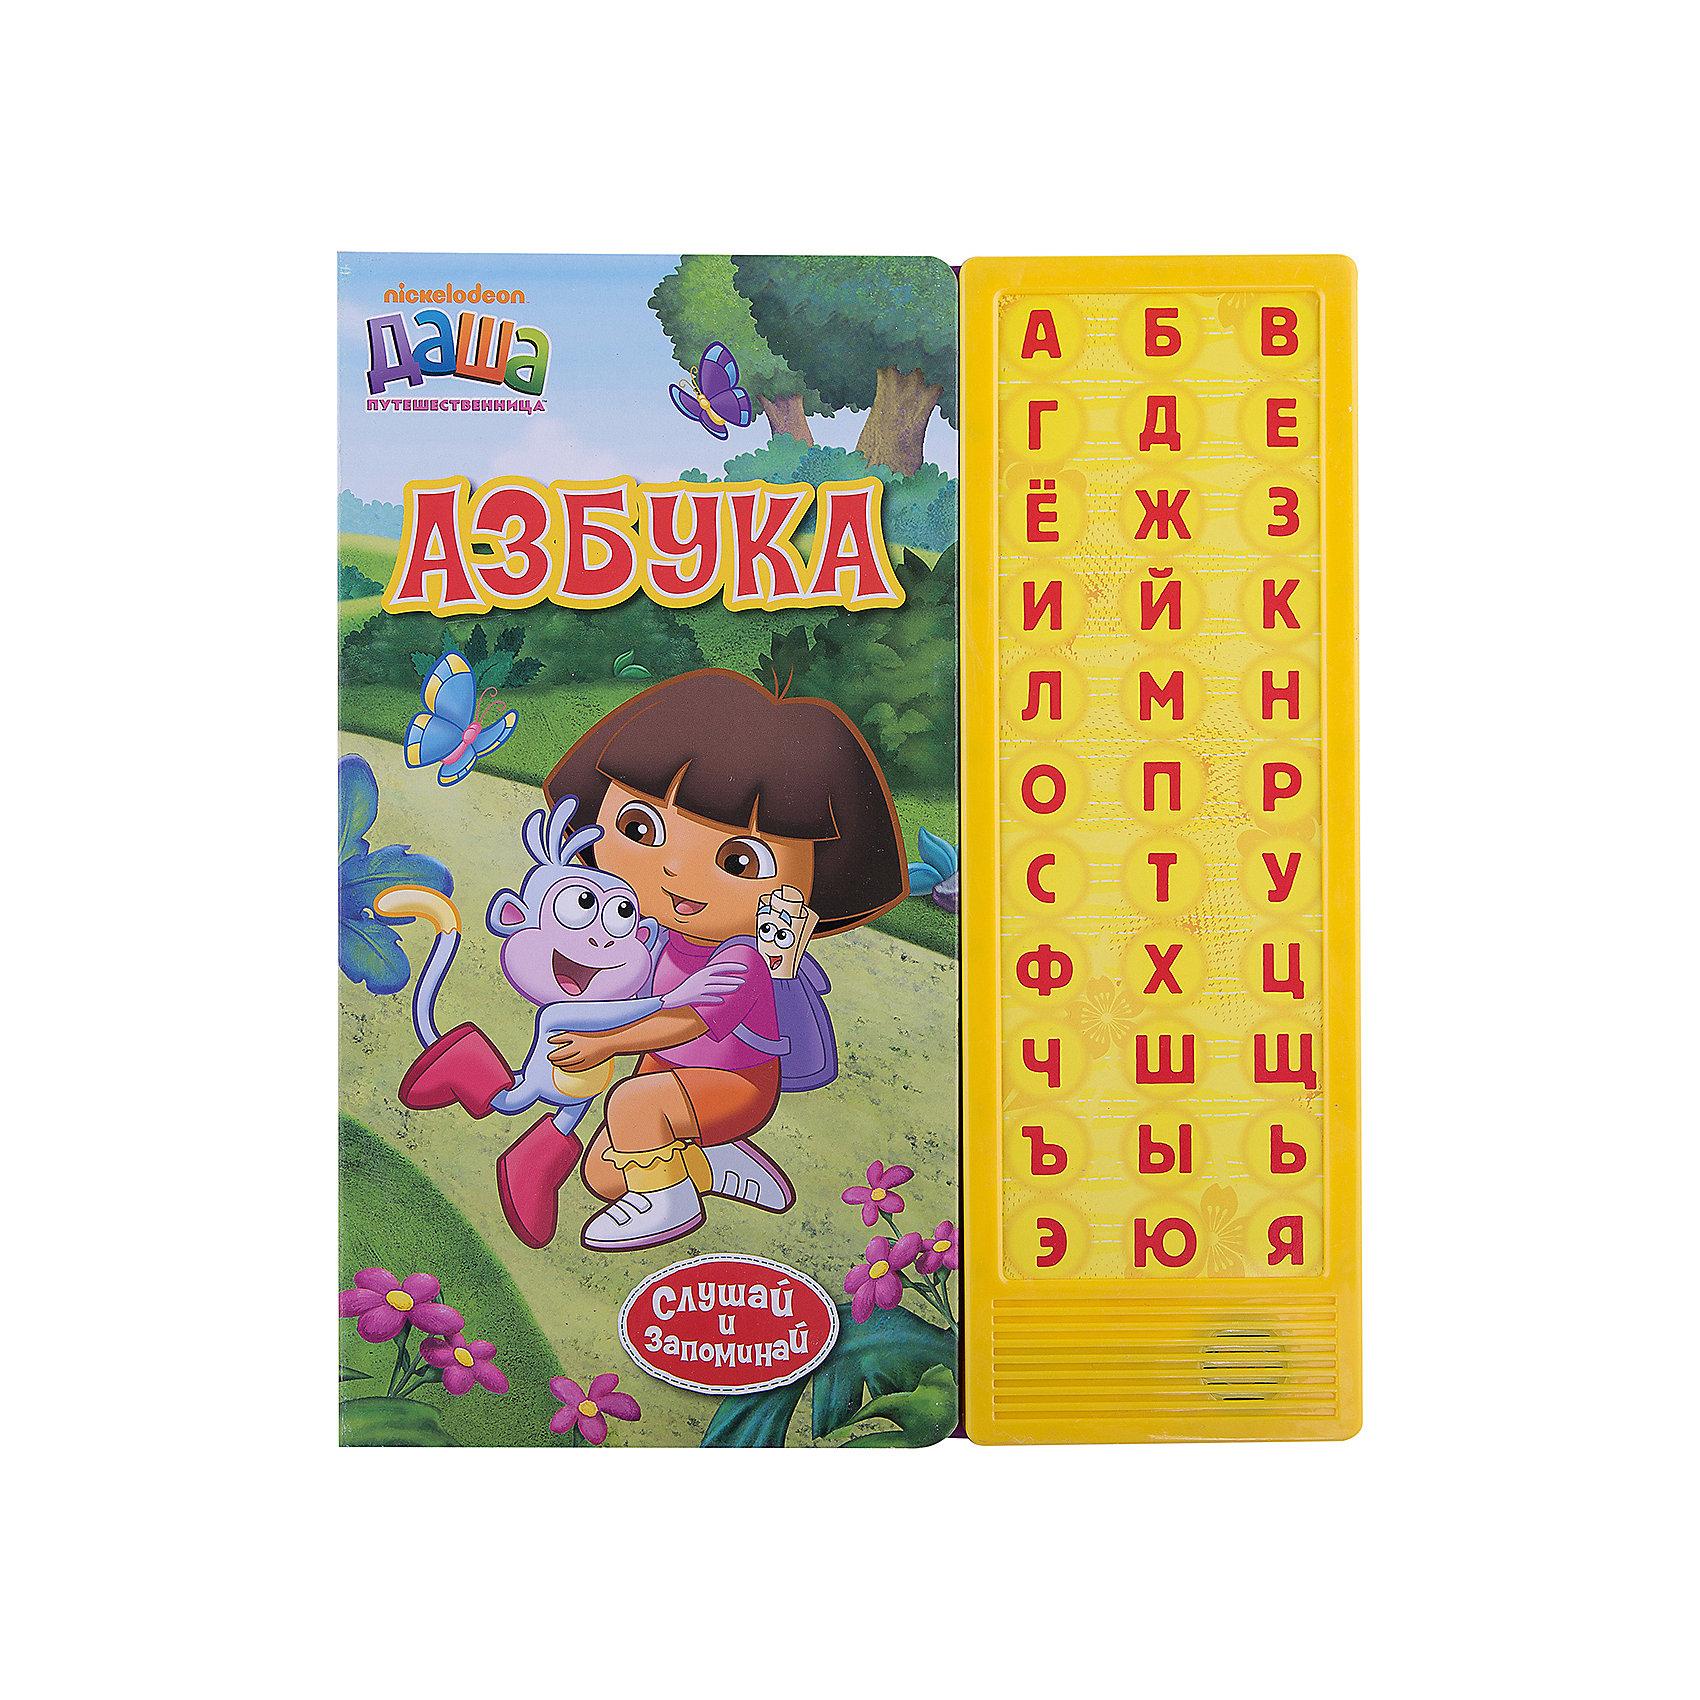 Азбука Даша-путешественницаВ этой красочной книге Даша-путешественница и ее друзья познакомят детей с азбукой. А чтобы малыш быстрее ее запомнил, он может нажимать на кнопочки с буквами и слушать их названия столько раз, сколько ему захочется.<br><br>Ширина мм: 300<br>Глубина мм: 250<br>Высота мм: 10<br>Вес г: 671<br>Возраст от месяцев: 0<br>Возраст до месяцев: 36<br>Пол: Унисекс<br>Возраст: Детский<br>SKU: 4782419